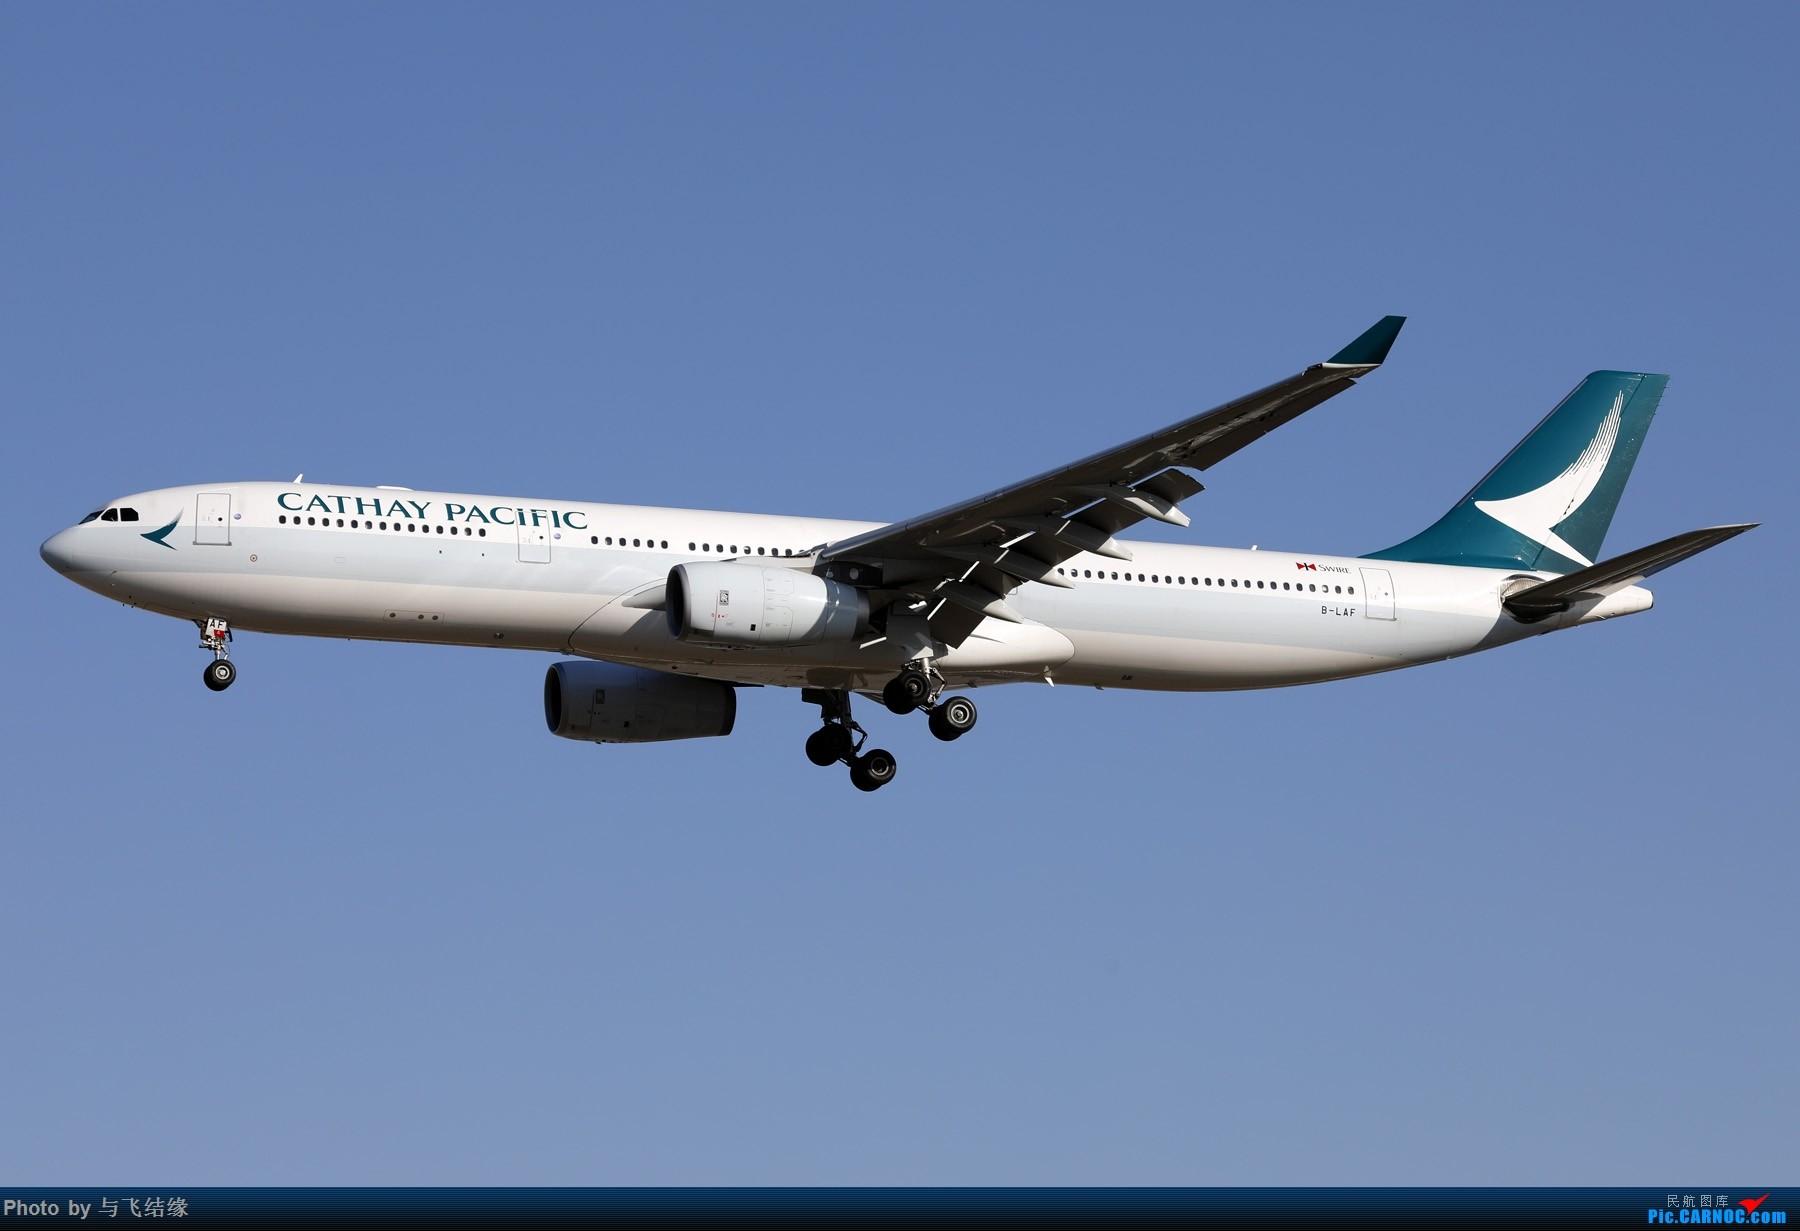 """Re:[原创]农历三十再发一贴,祝朋友们新年""""猪""""事顺利,吉祥如意! AIRBUS A330-300 B-LAF 中国北京首都国际机场"""